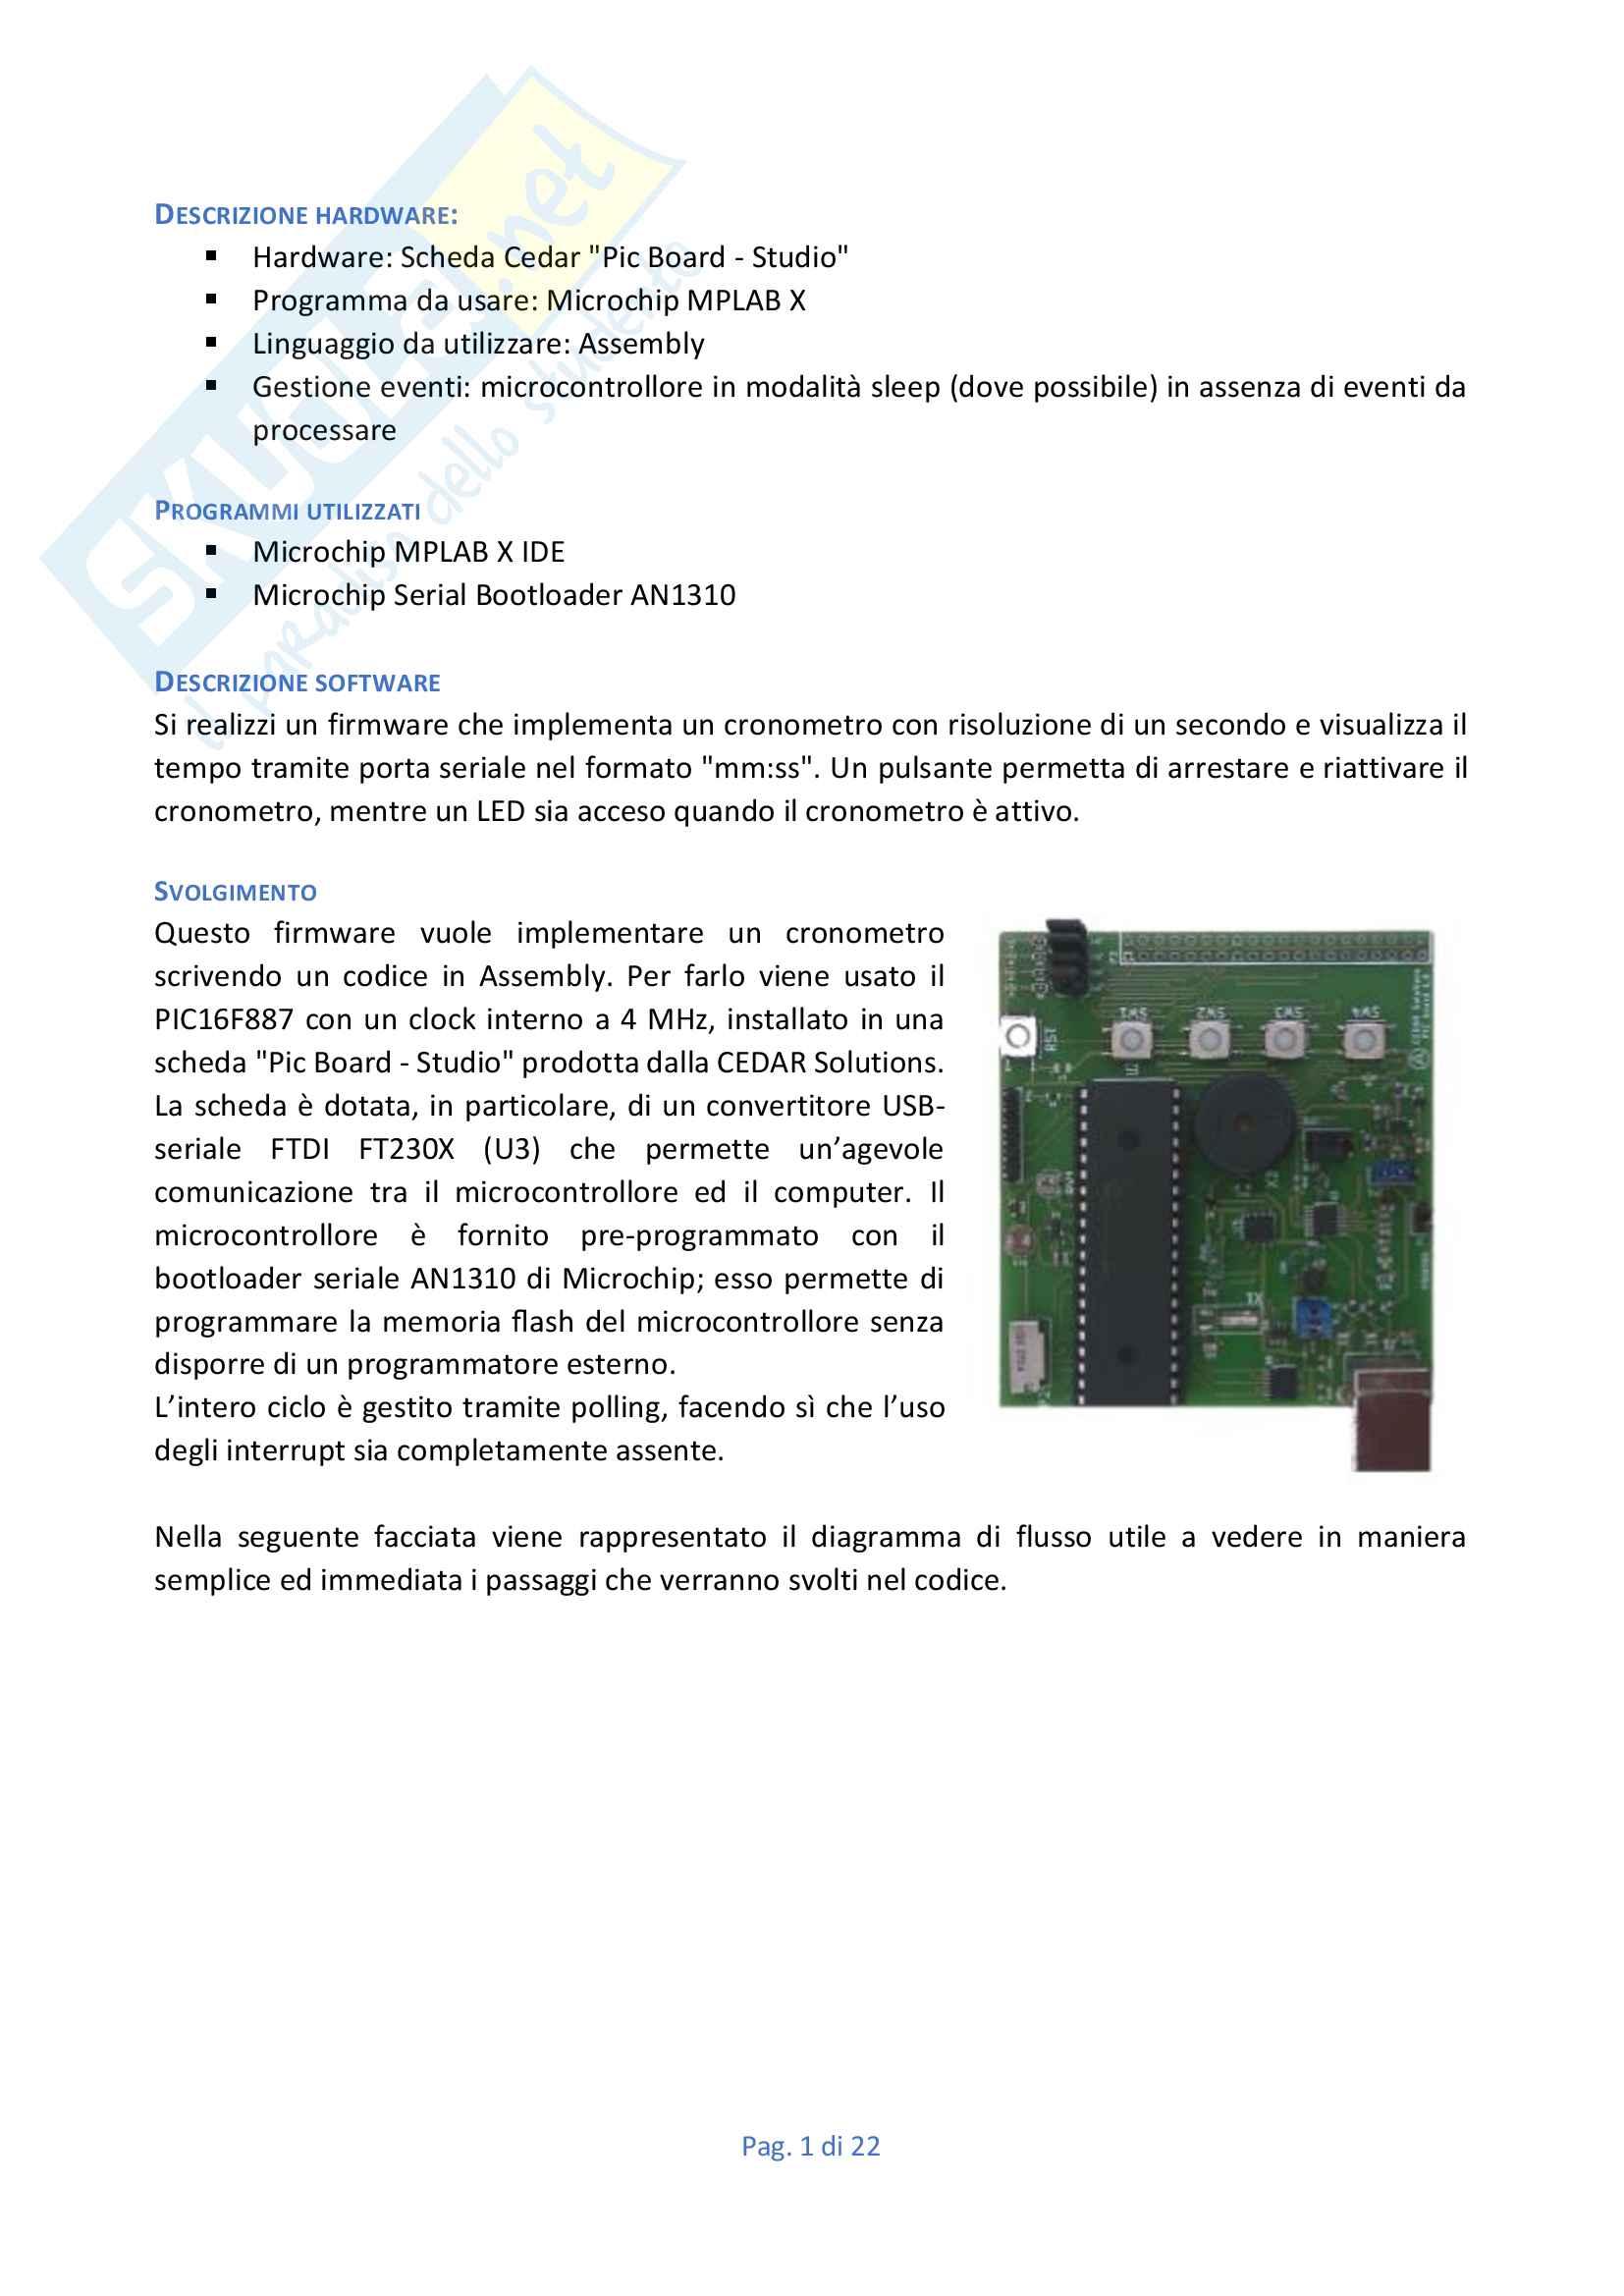 Tesina sistemi elettronici, linguaggio Assembly - con codice